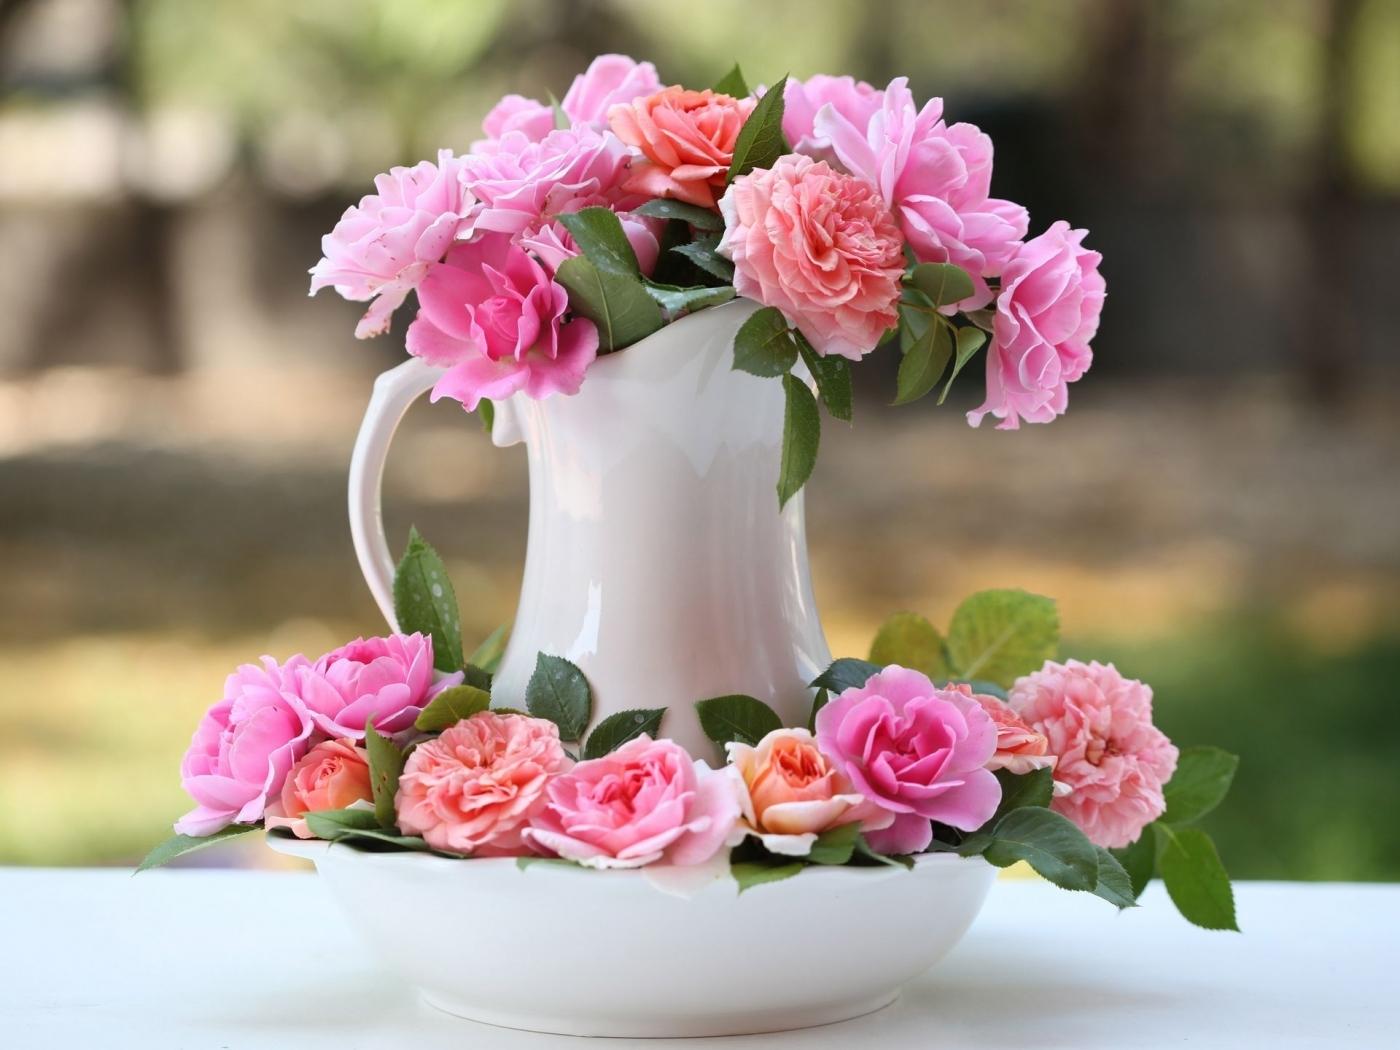 Téléchargez des papiers peints mobile Roses, Bouquets, Plantes, Fleurs gratuitement.